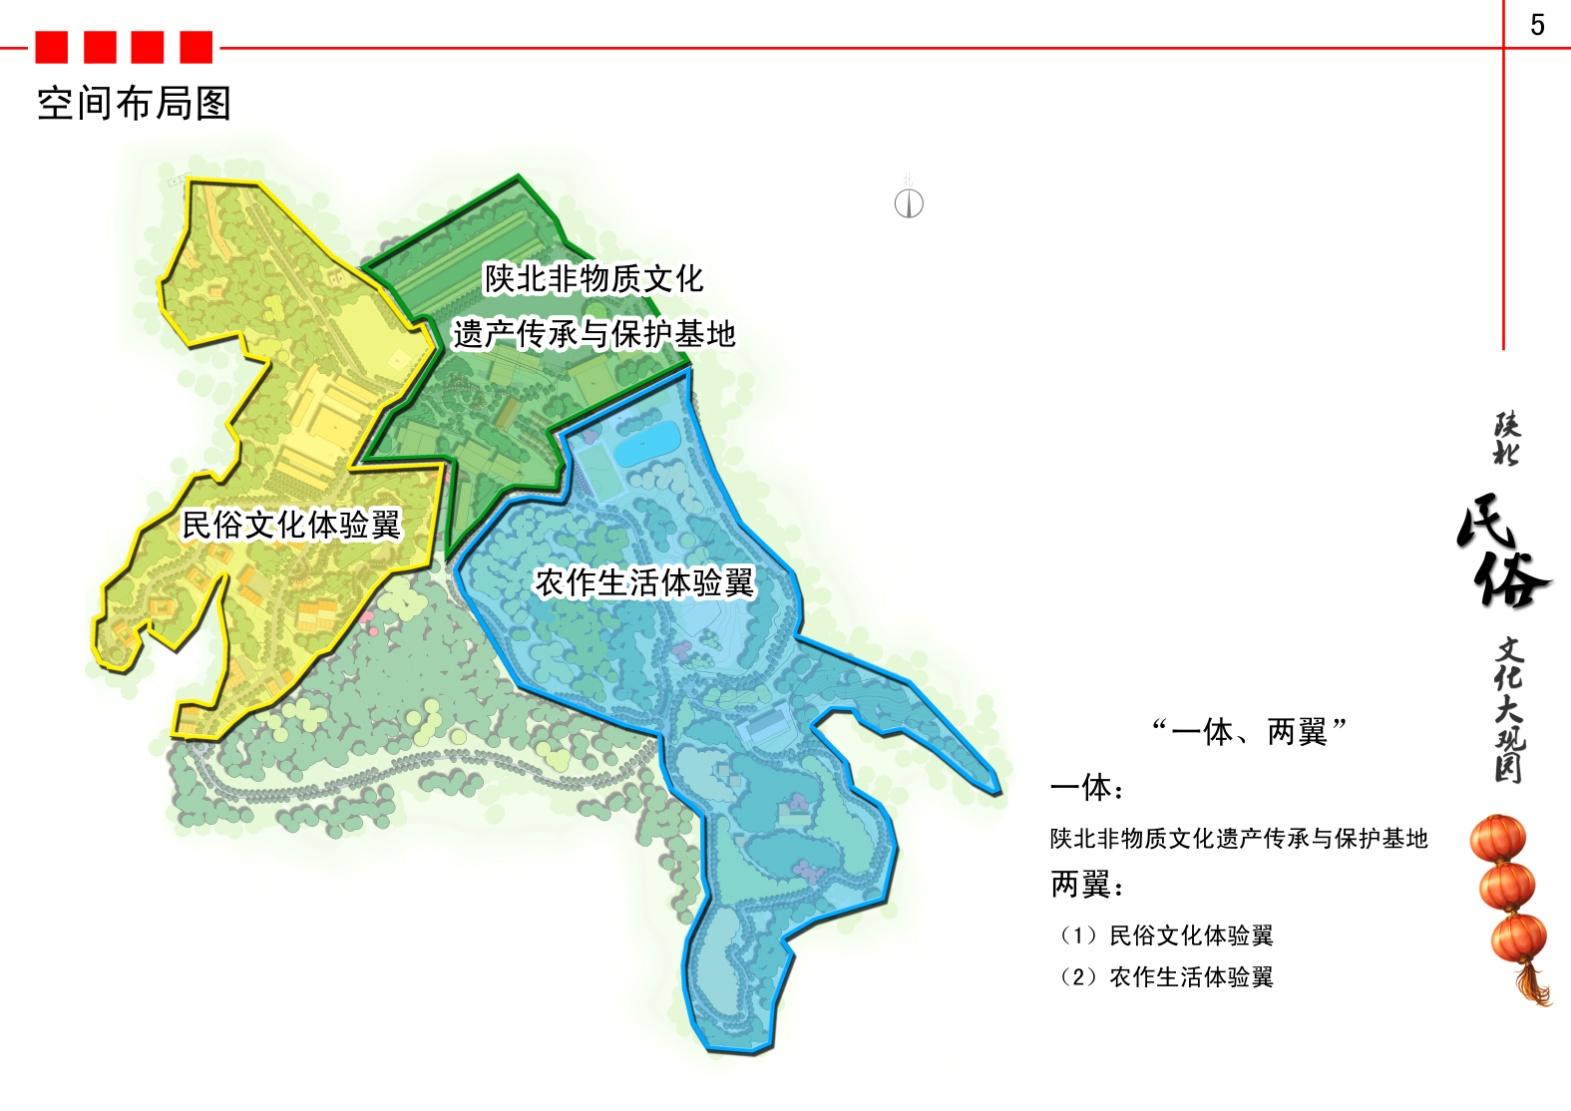 神木县陕北民俗文化大观园总体规划